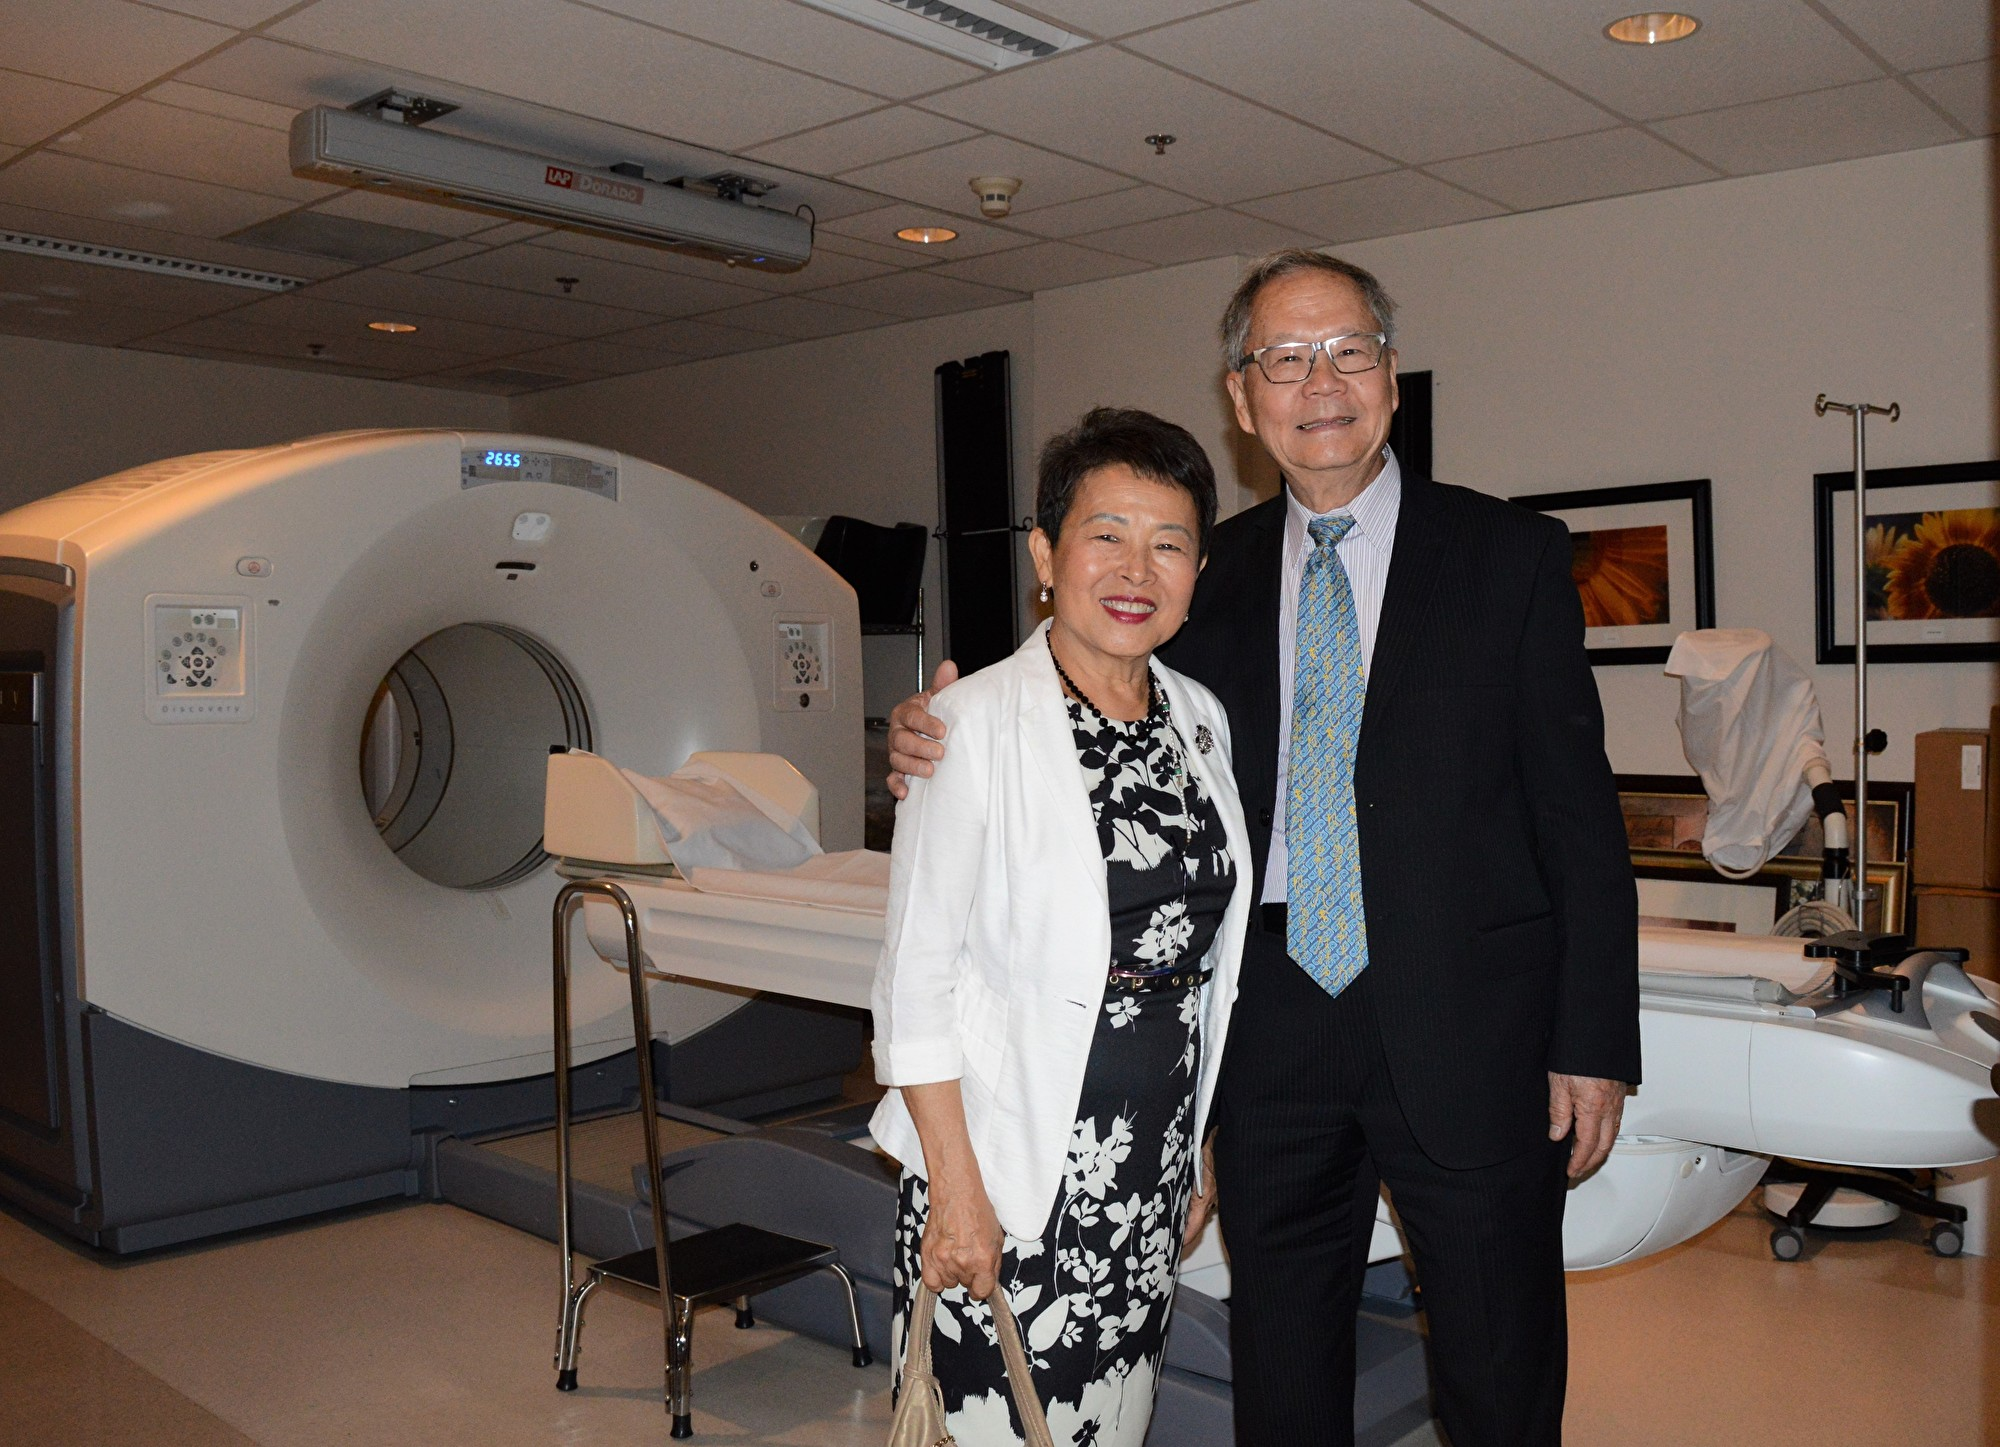 圖:張理瑲潘立中伉儷捐贈100萬,資助卑詩癌癥基金會購買PET/CT掃描儀。圖為張理瑲潘立中在PET/CT掃描儀前。(邱晨/大紀元)